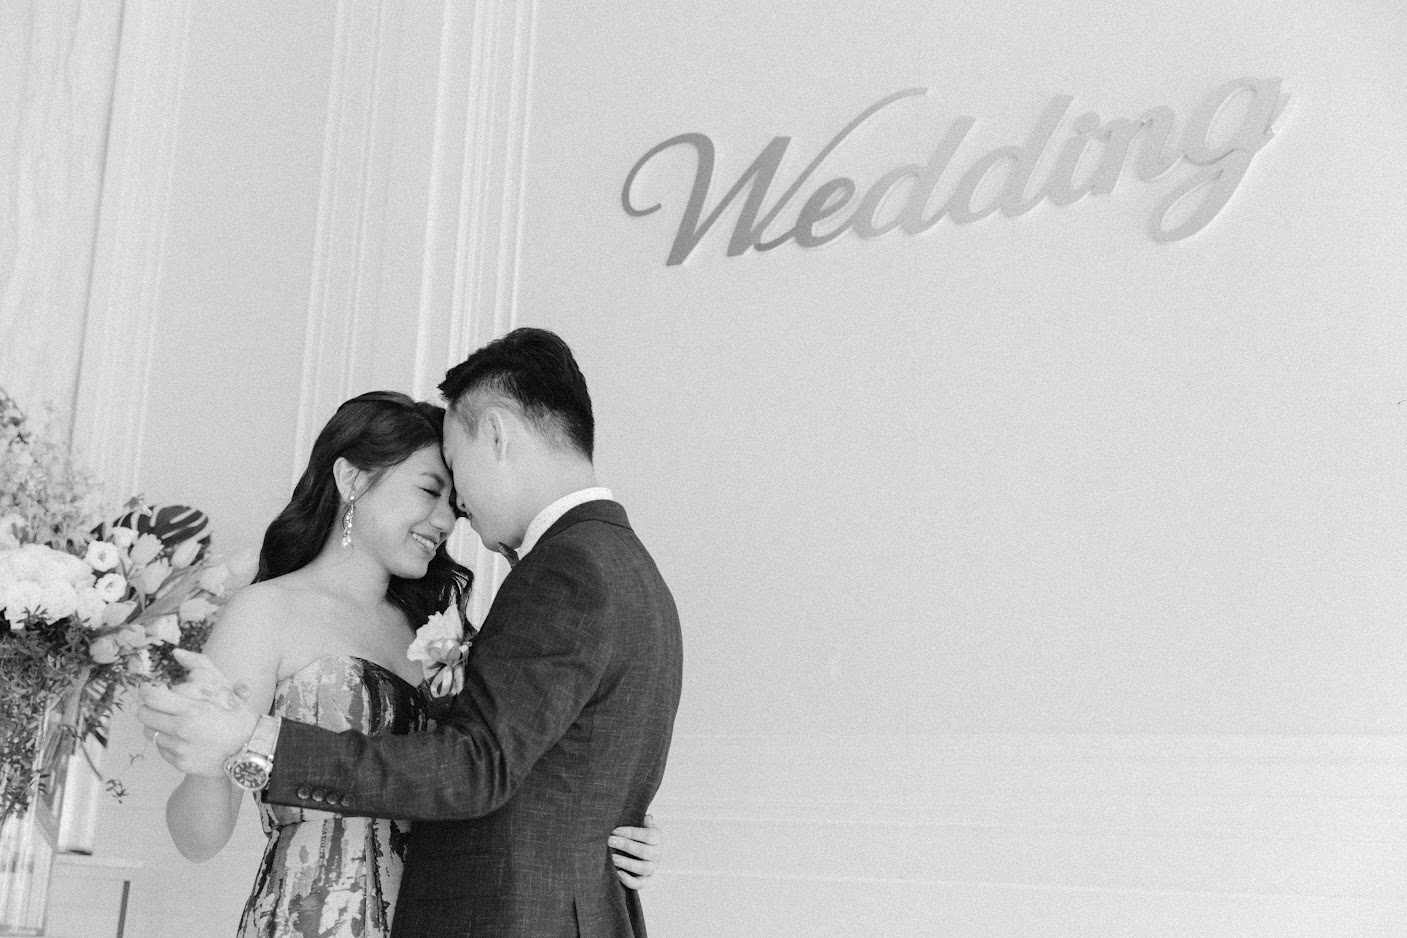 美式婚禮紀錄,萊特薇庭 婚攝,萊特薇庭 婚禮紀錄,御典閣 婚禮,戶外證婚,美式婚攝,台北婚攝,,台中婚攝Amazing Grace 攝影美學,Wedding Photography